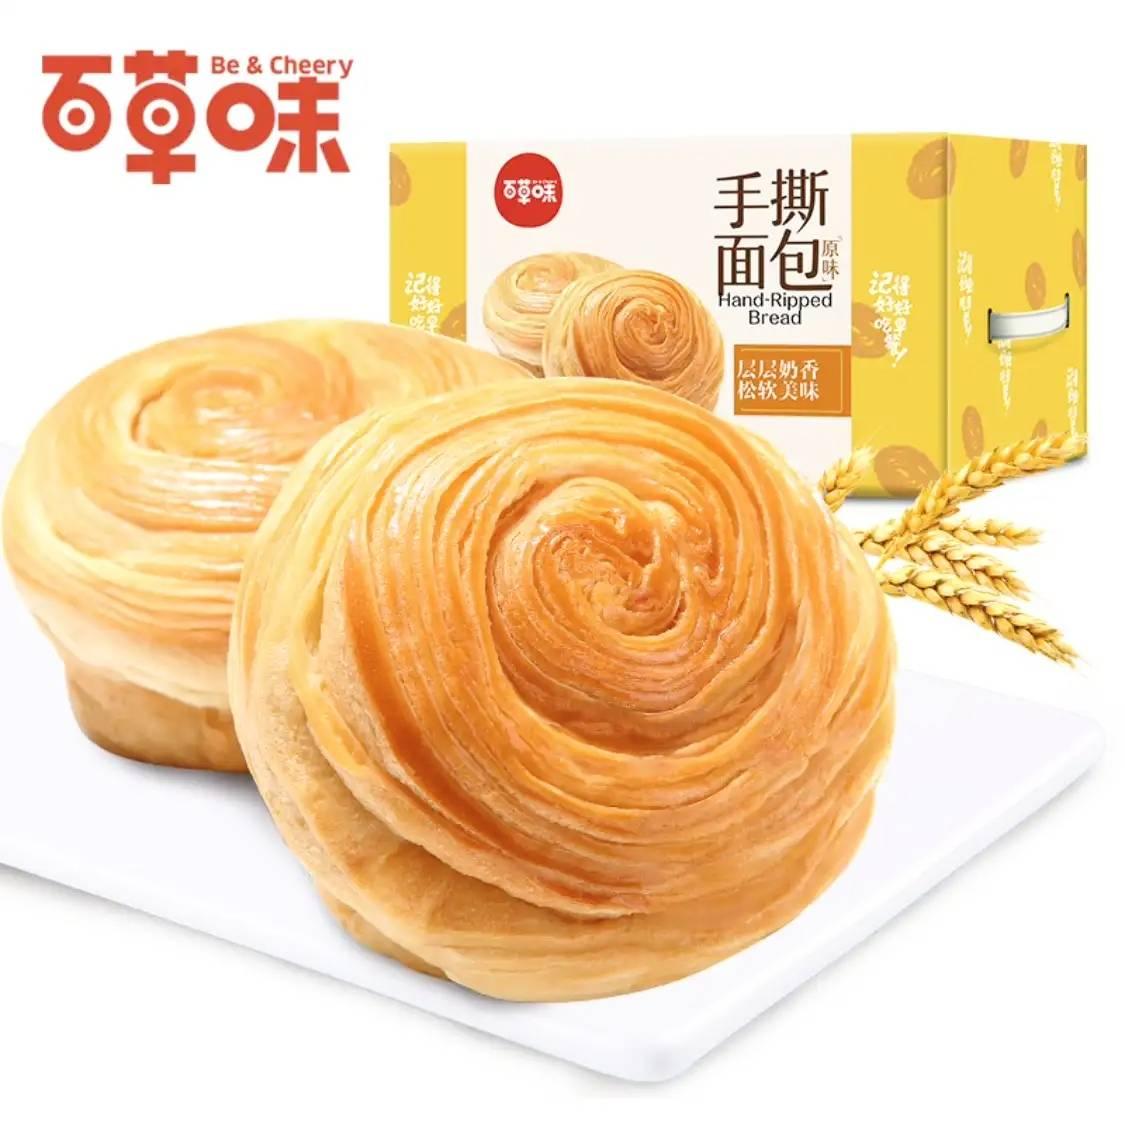 百草味 手撕面包1000g/箱  16.89元(需用券)(补贴后15.88元)